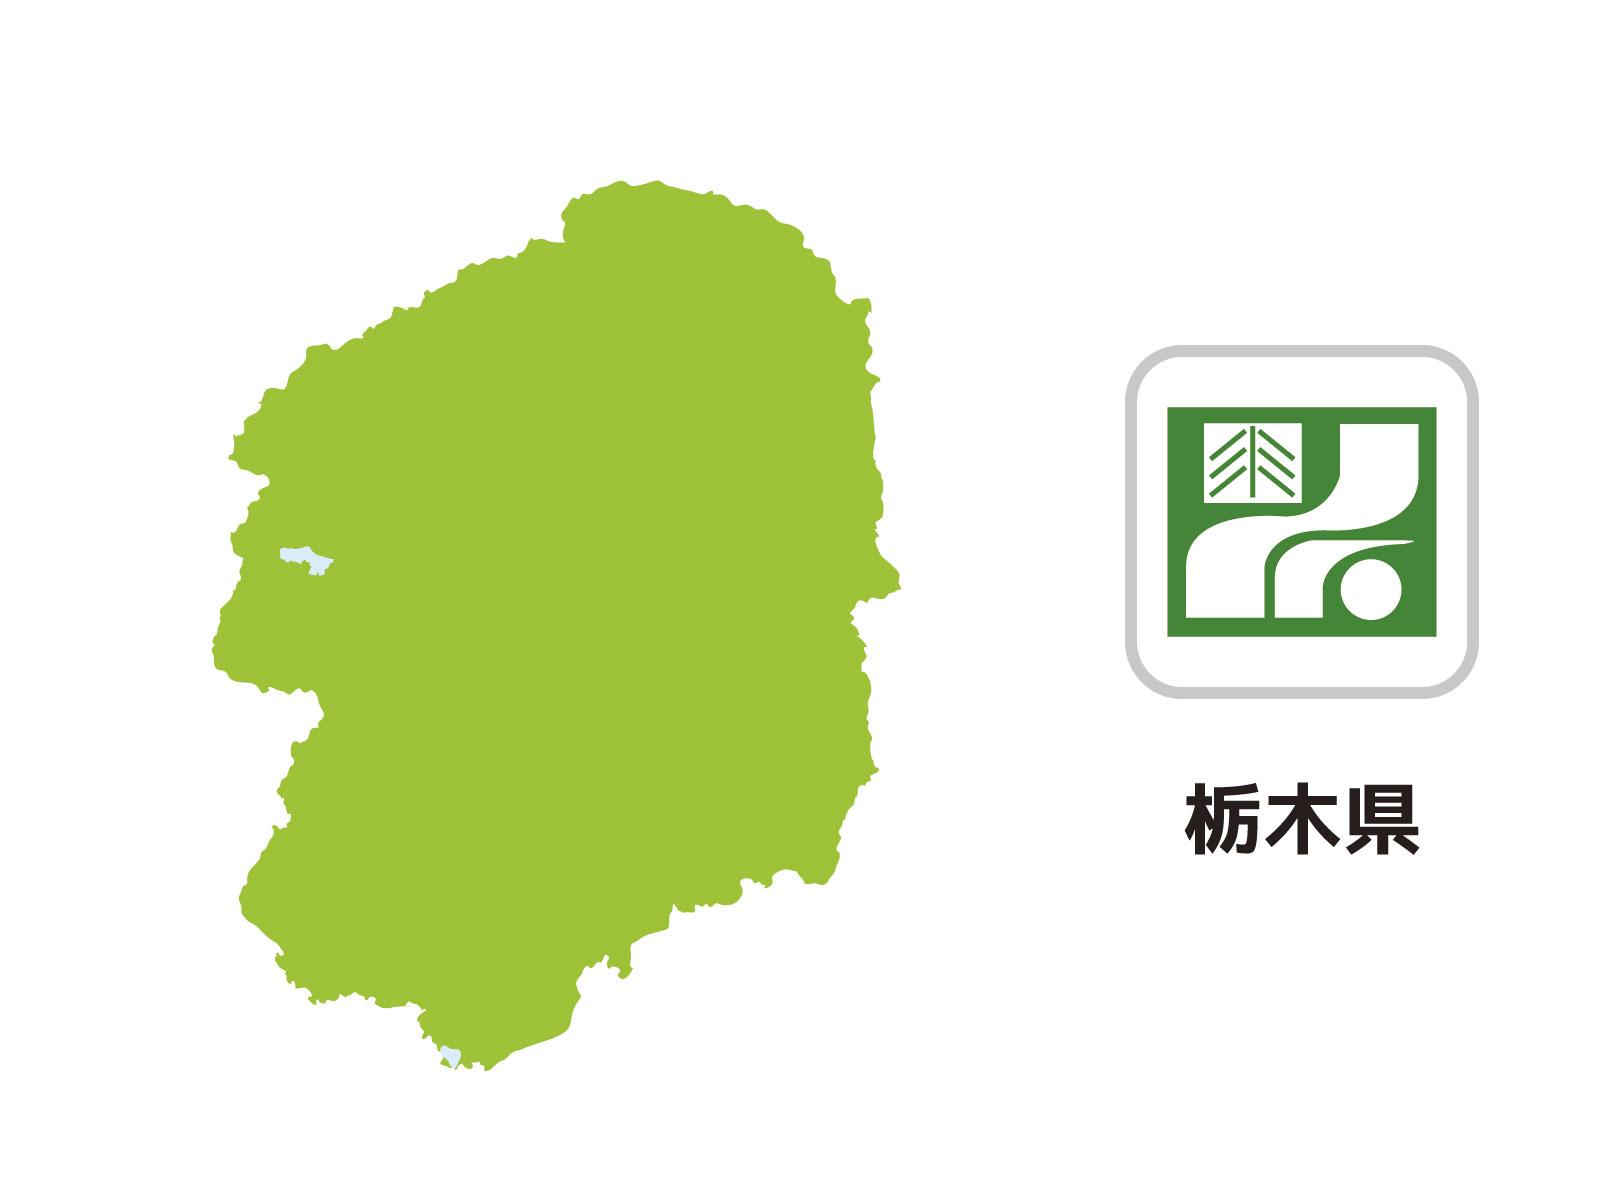 栃木県で債務整理(借金相談)を扱う弁護士・司法書士事務所一覧